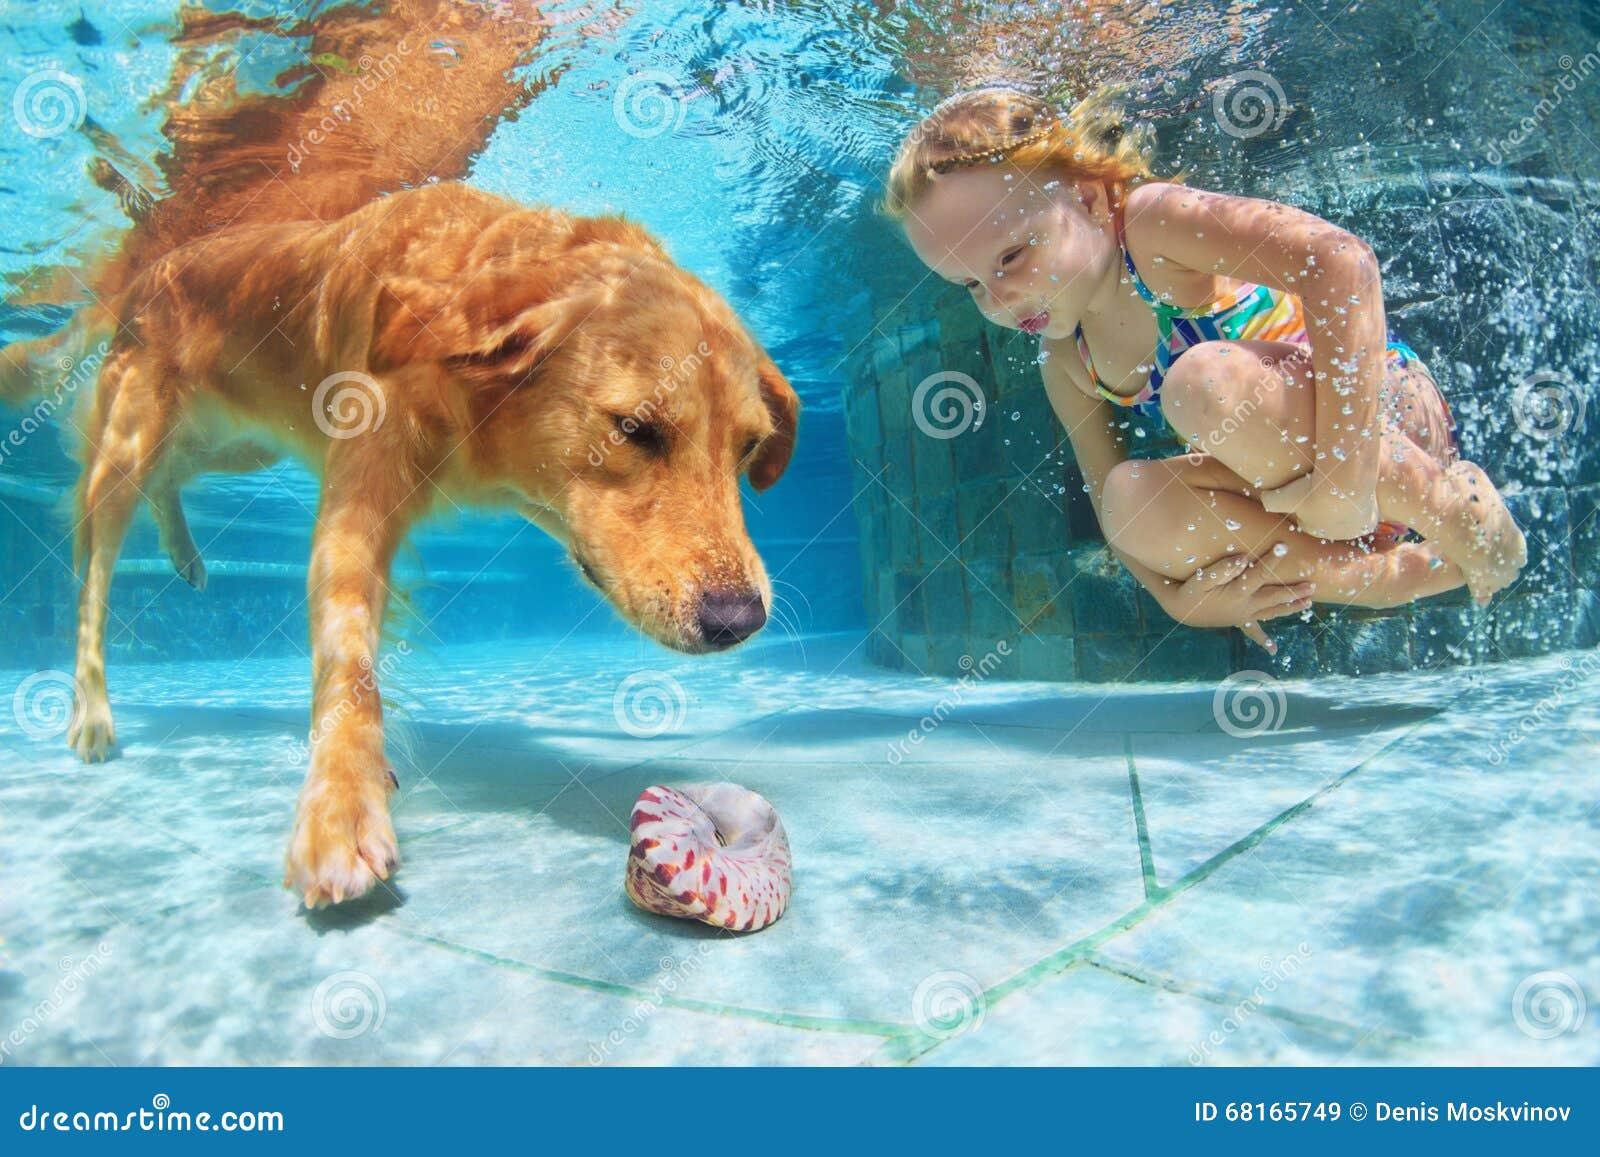 Bambino con il tuffo del cane subacqueo nella piscina